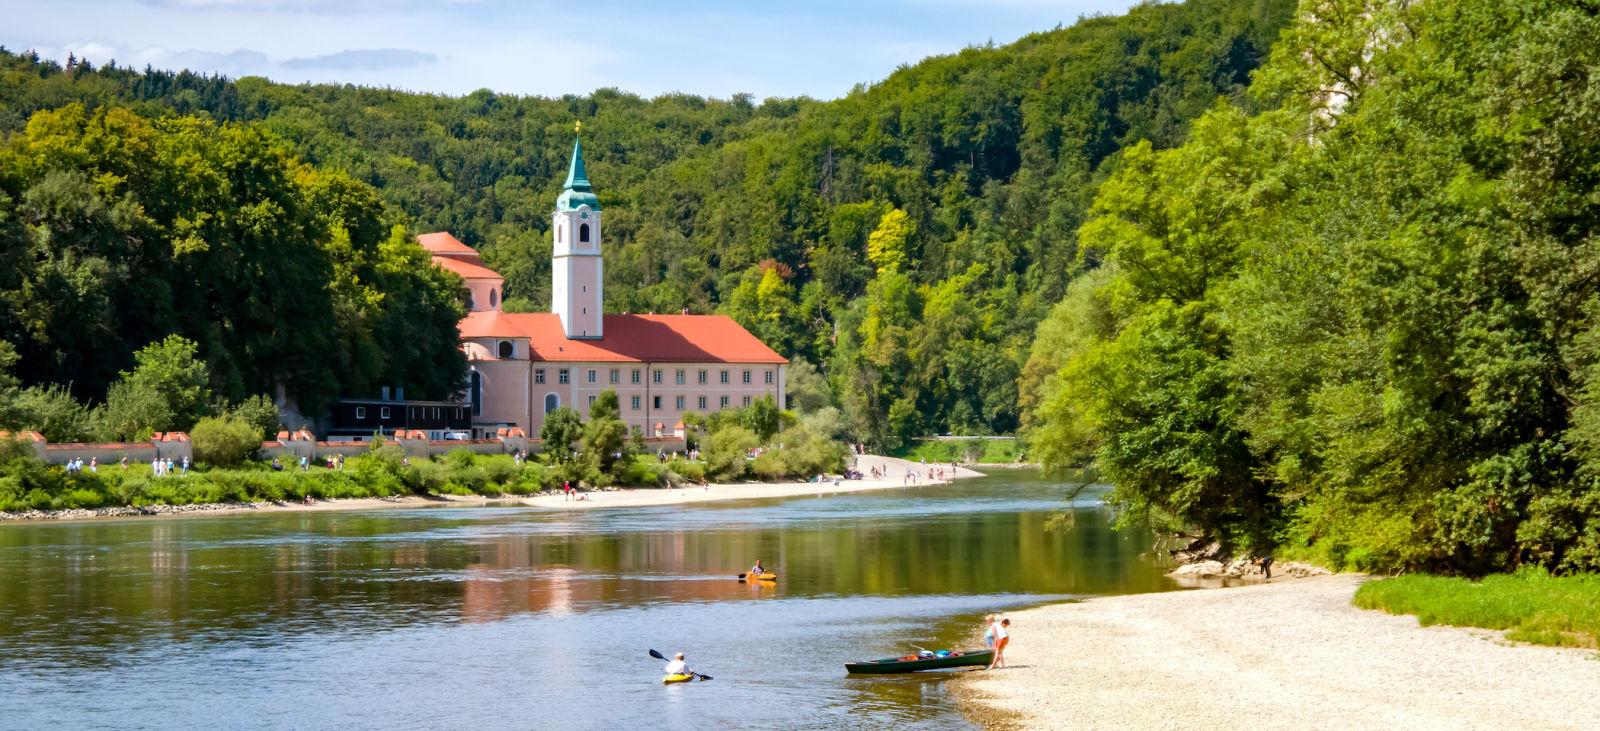 Bayern, Deutschland, Regensburg